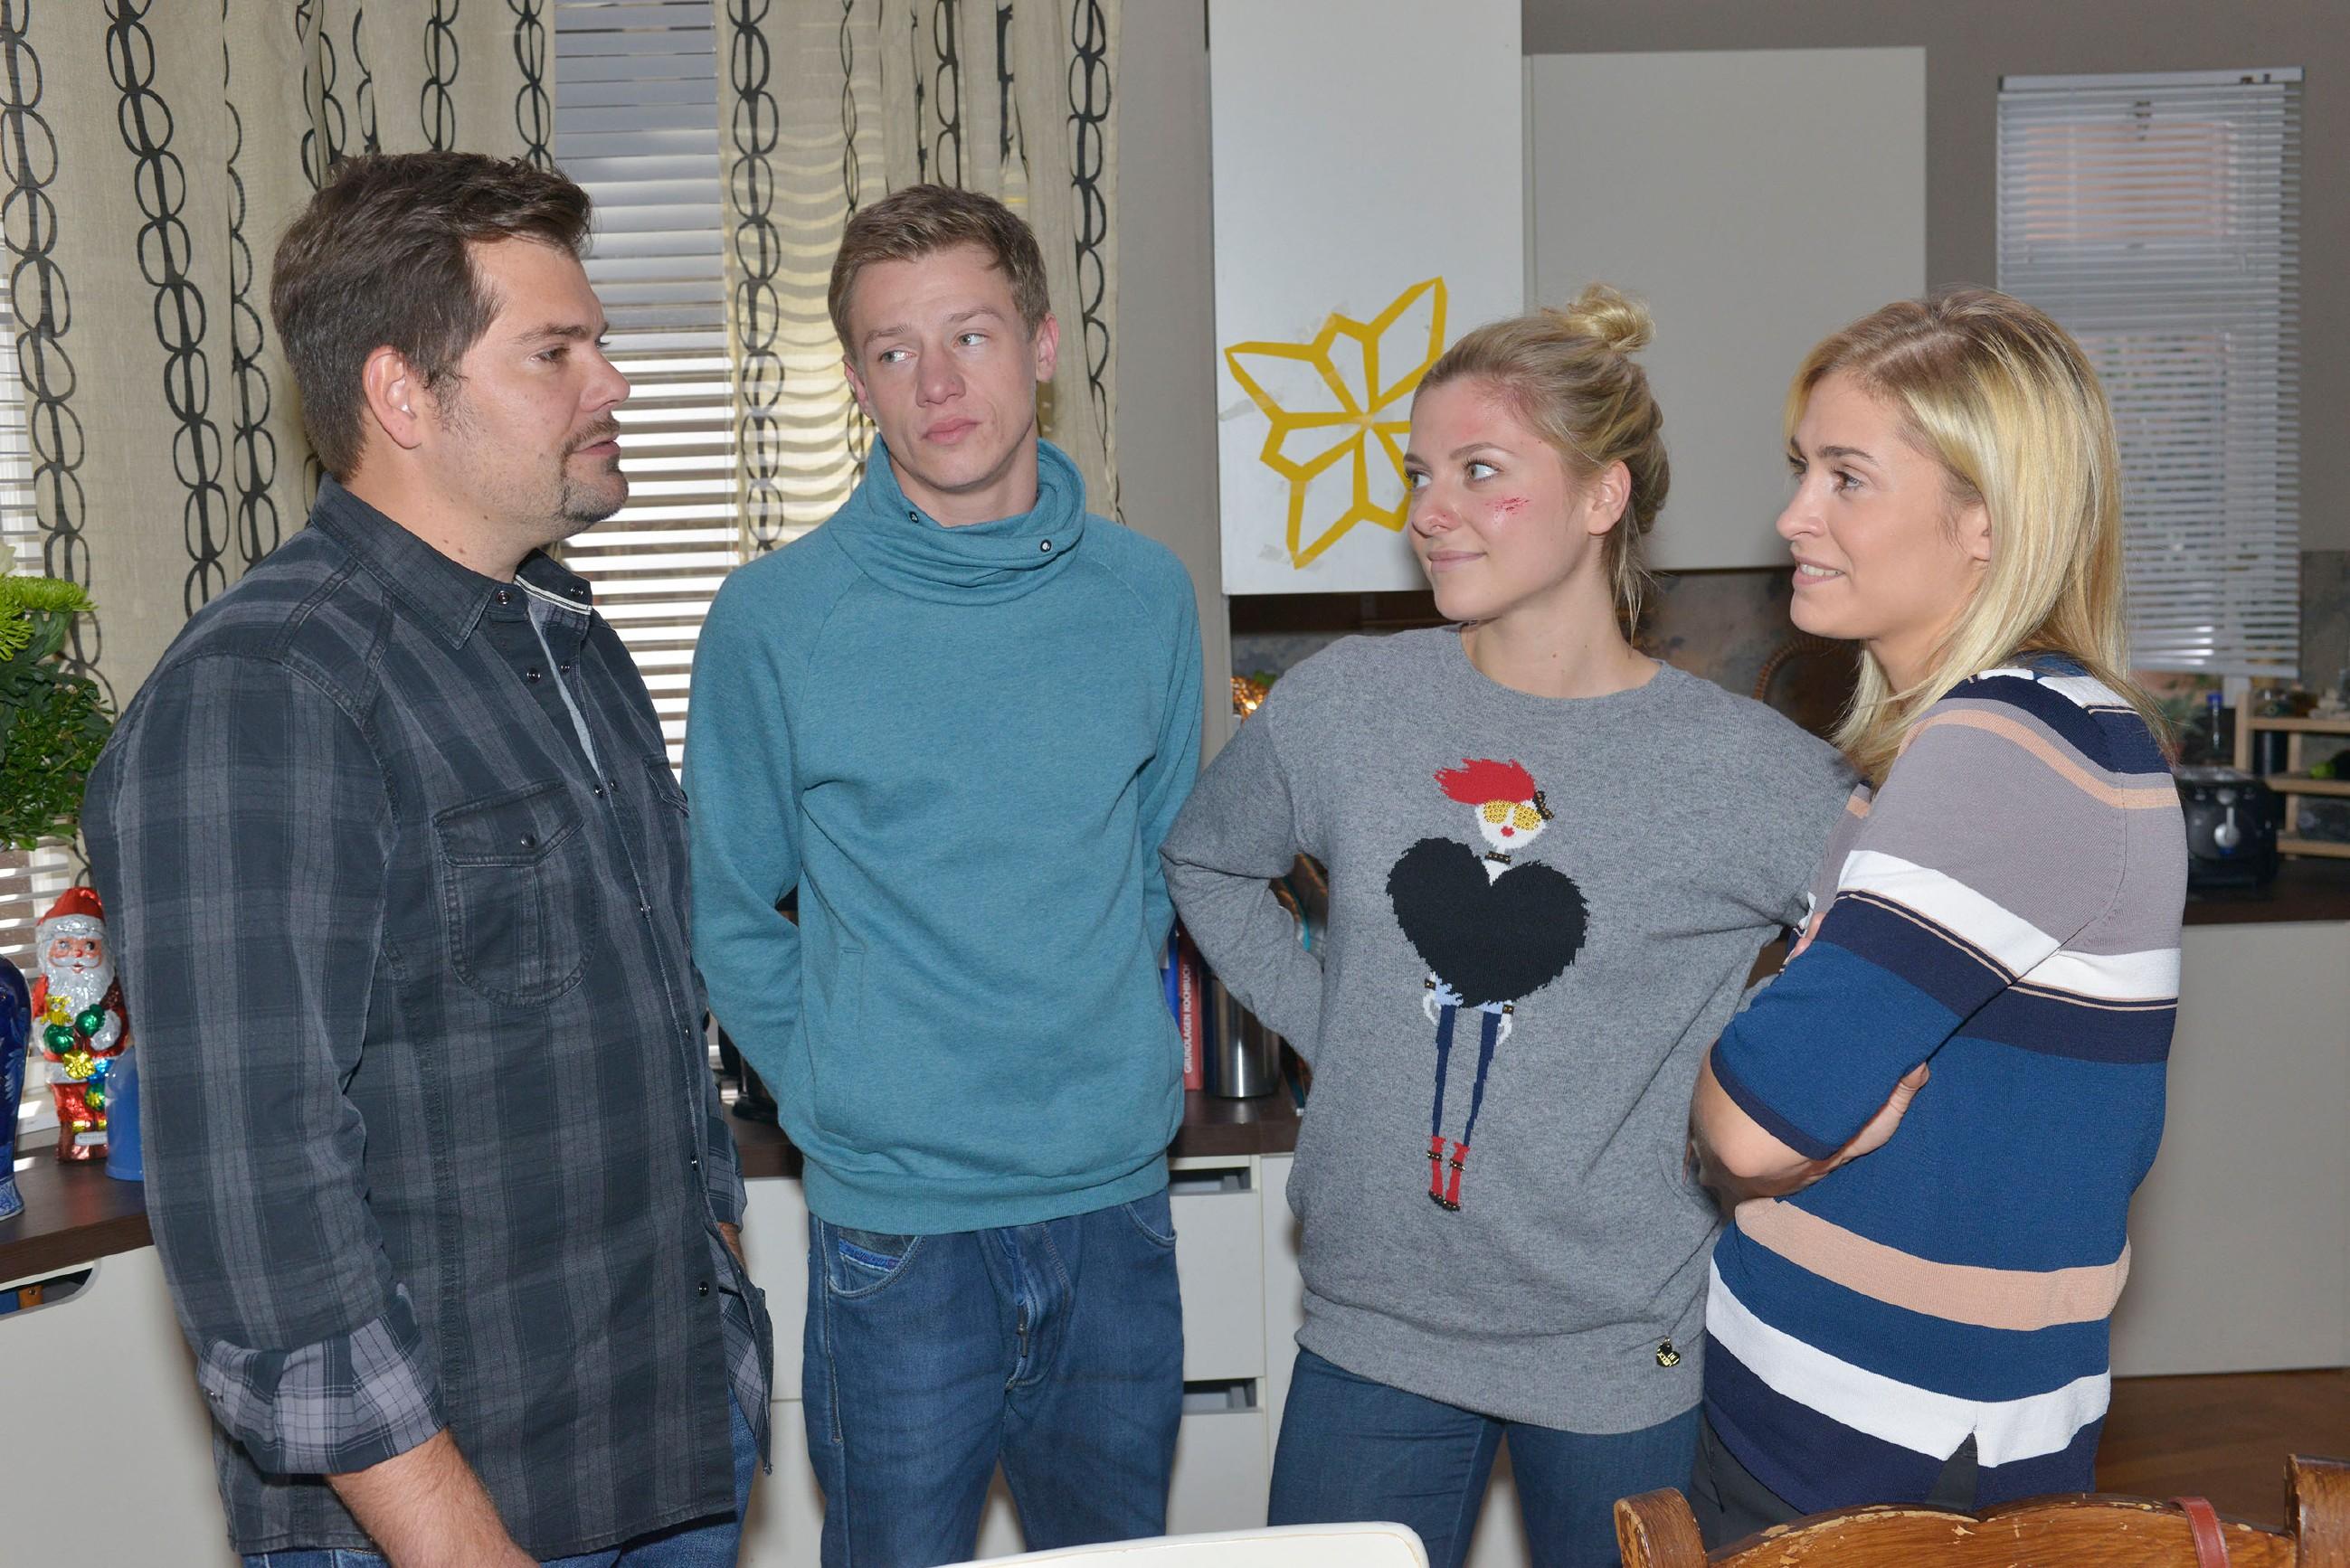 Leon (Daniel Fehlow, l.), Vince (Vincent Krüger), Sunny (Valentina Pahde) und Sophie (Lea Marlen Woitack, r.) hoffen auf ein harmonisches Weihnachtsfest.